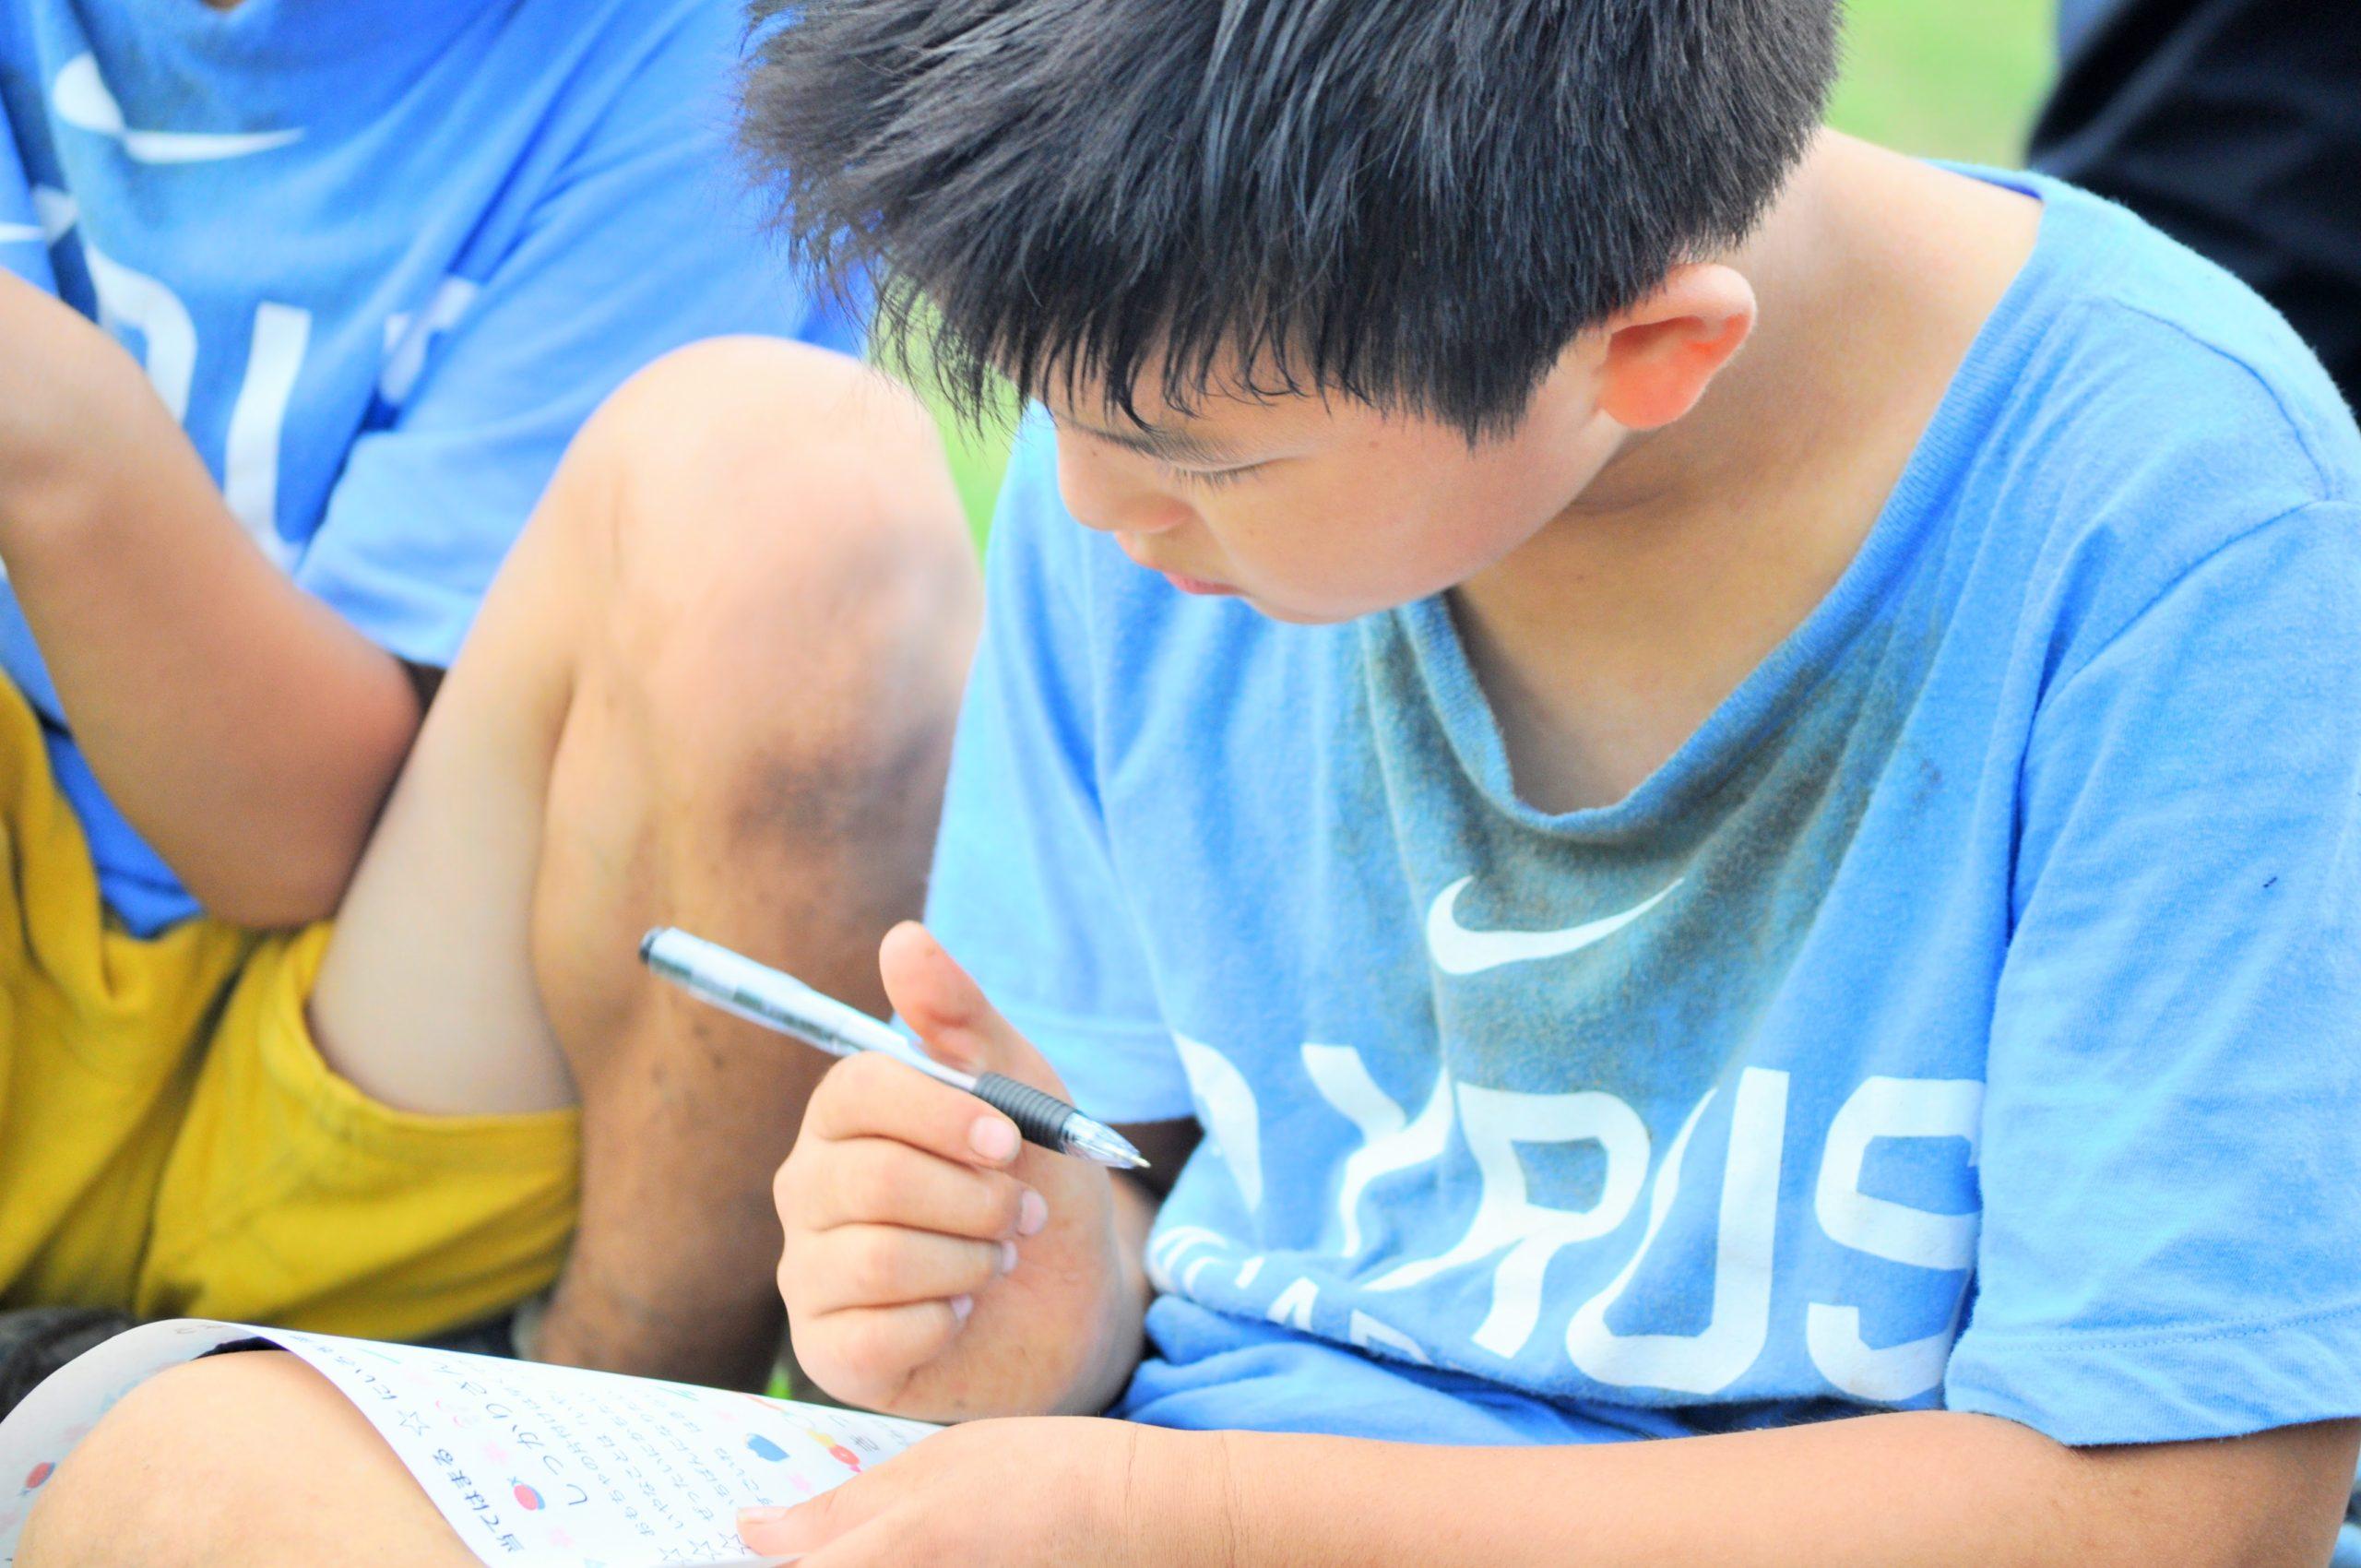 少年野球の子どもたち必見 「野球ノート」をつけて調子の良し悪しを見極めよう